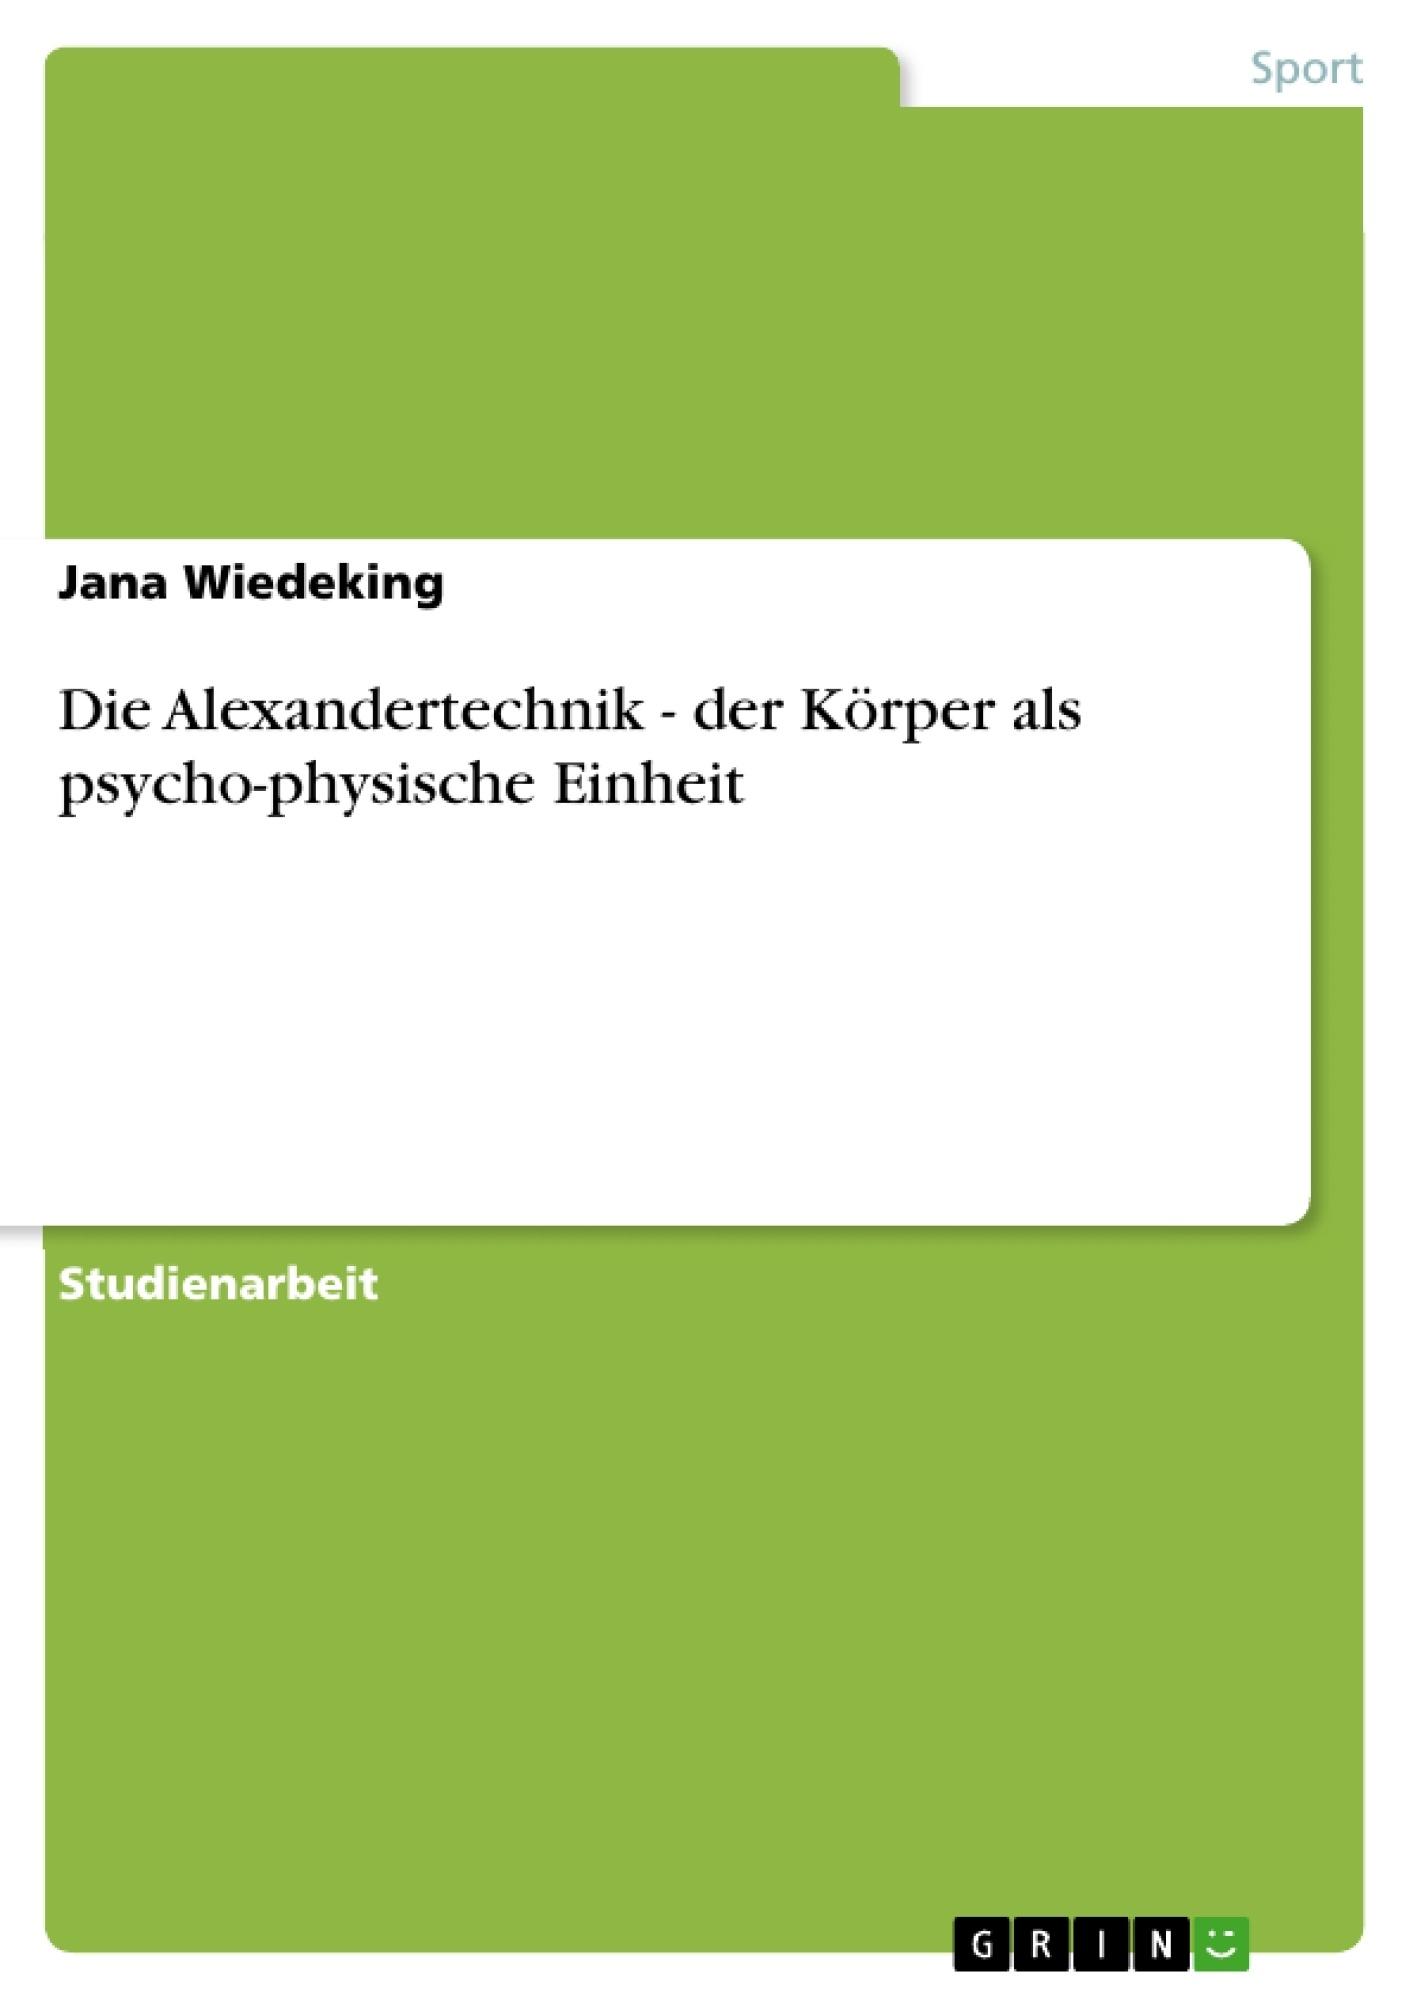 Die Alexandertechnik - der Körper als psycho-physische Einheit ...